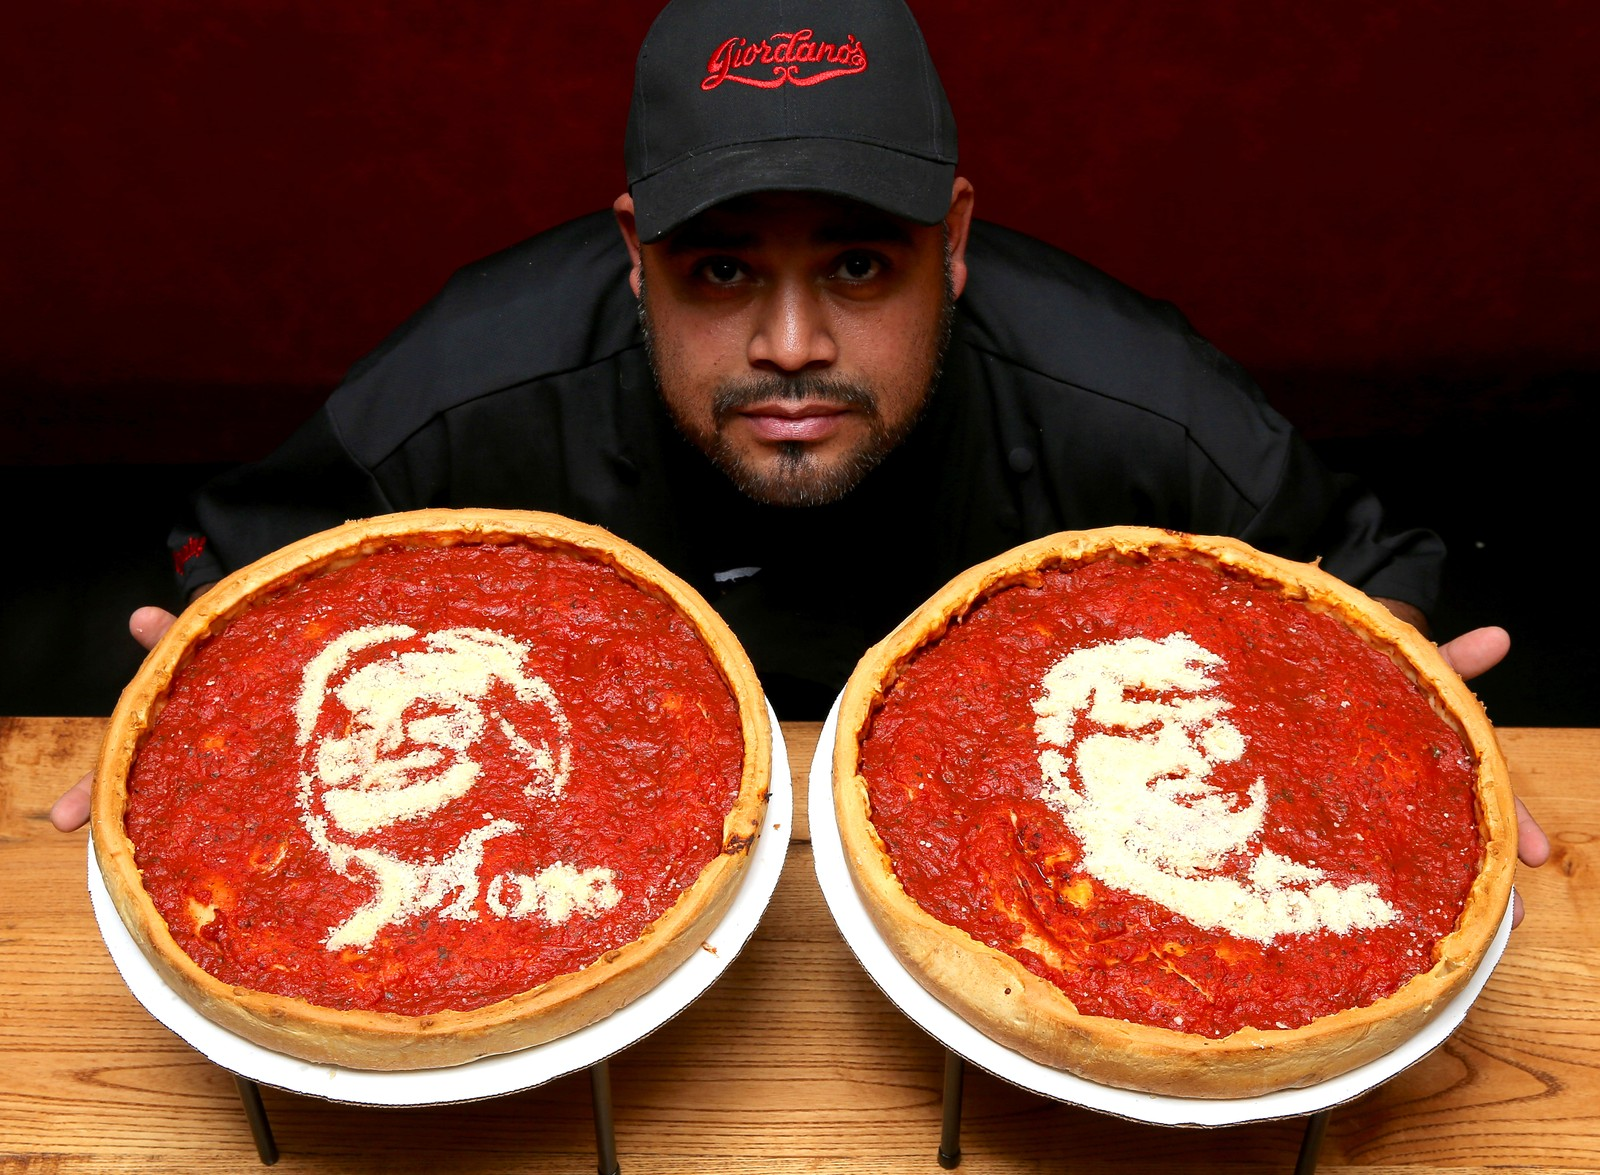 Pizzatryner. Kokken Fabian Martinez brukte debatten mellom Hillary Clinton og Donald Trump som en anledning til å lage disse pizzaene i Chicago i USA.